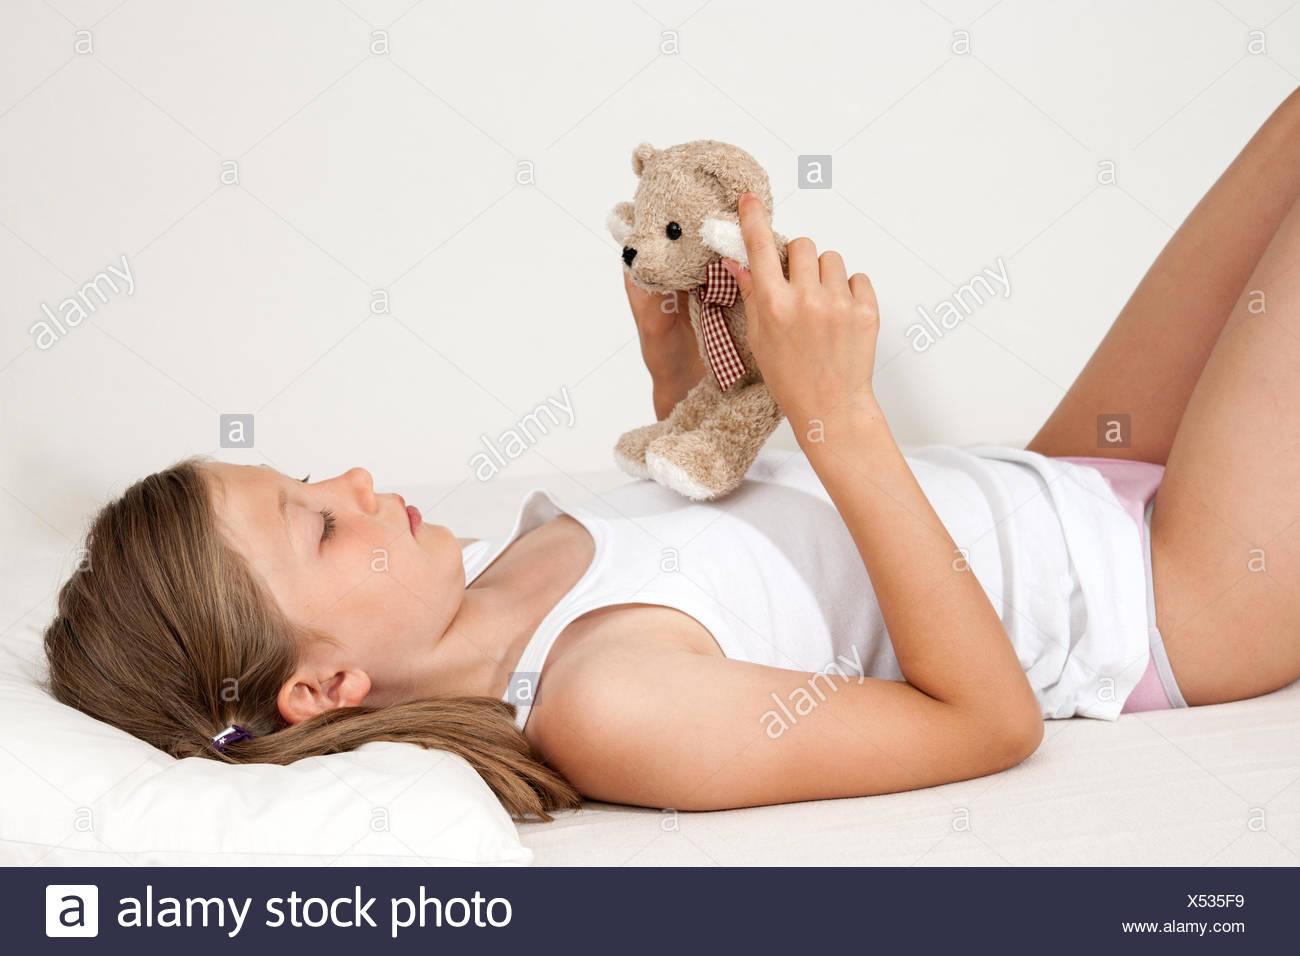 Mädchen, liegen, schlafen, Bett, Entspannung, müde, Erschöpfung, Müdigkeit, Bettdecke, Kind, Unschuld, arme, Kopfkissen, gemütlich, Augen, morgen, decke, entspannen, Traum, träumen, Zufriedenheit, Schlafzimmer, sorglos, brünett, Komfort, Textfreiraum, friedlich, kuscheln, Kissen, Kopfkissen, Gesicht, Kopf, Müdigkeit, müde, liegen, ruhe, stille, Pubertät, Freisteller - Stock Image